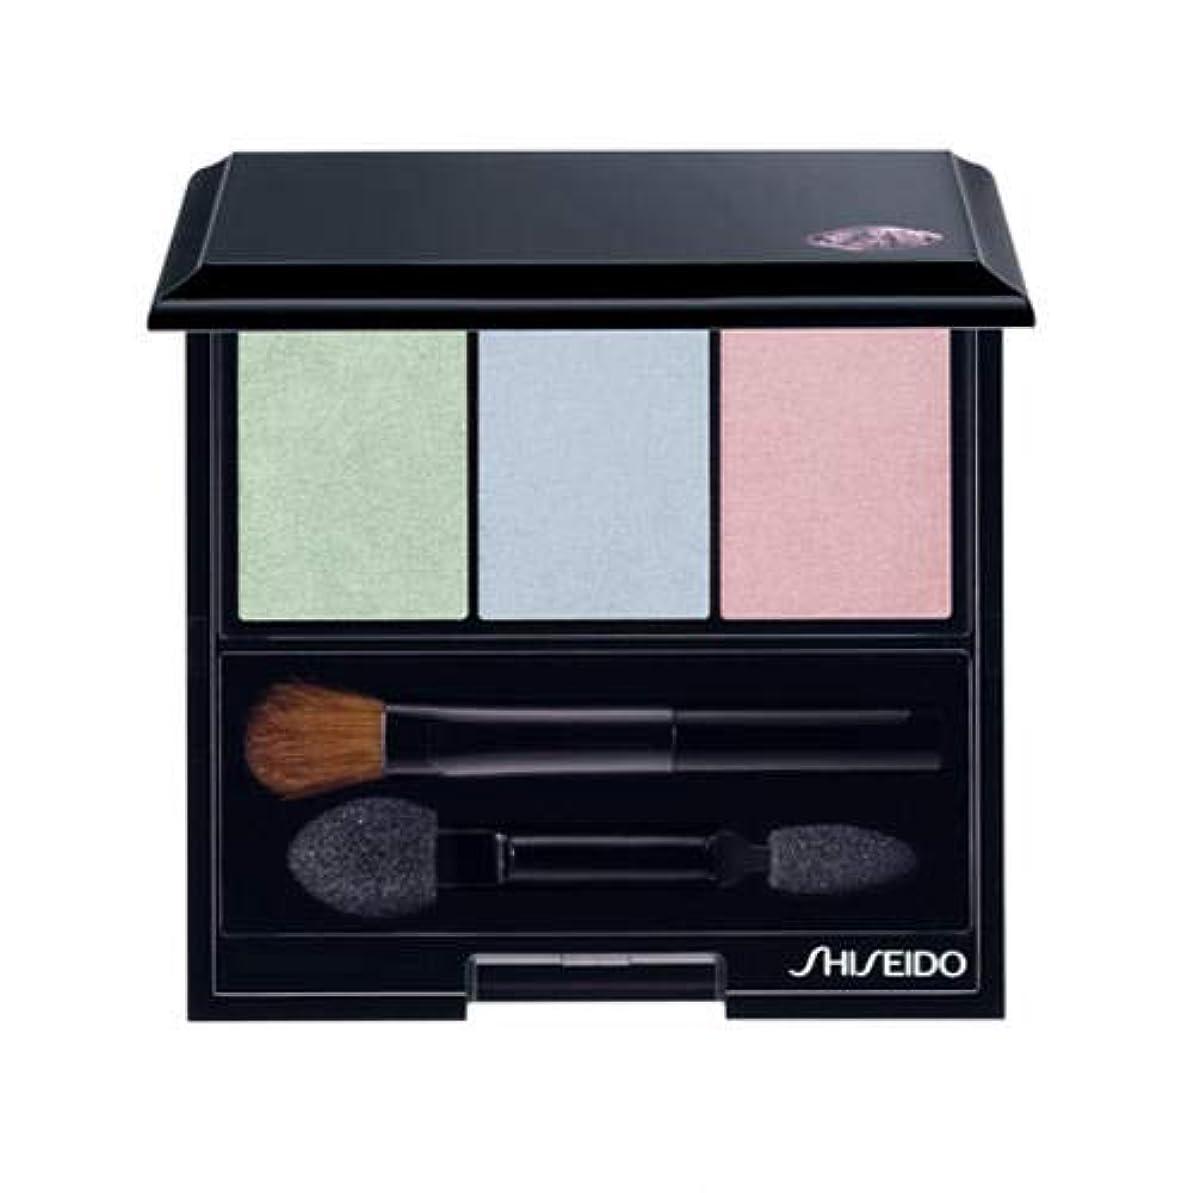 ブルジョン軍団投票資生堂 ルミナイジング サテン アイカラー トリオ BL215(Shiseido Luminizing Satin Eye Color Trio BL215) [並行輸入品]